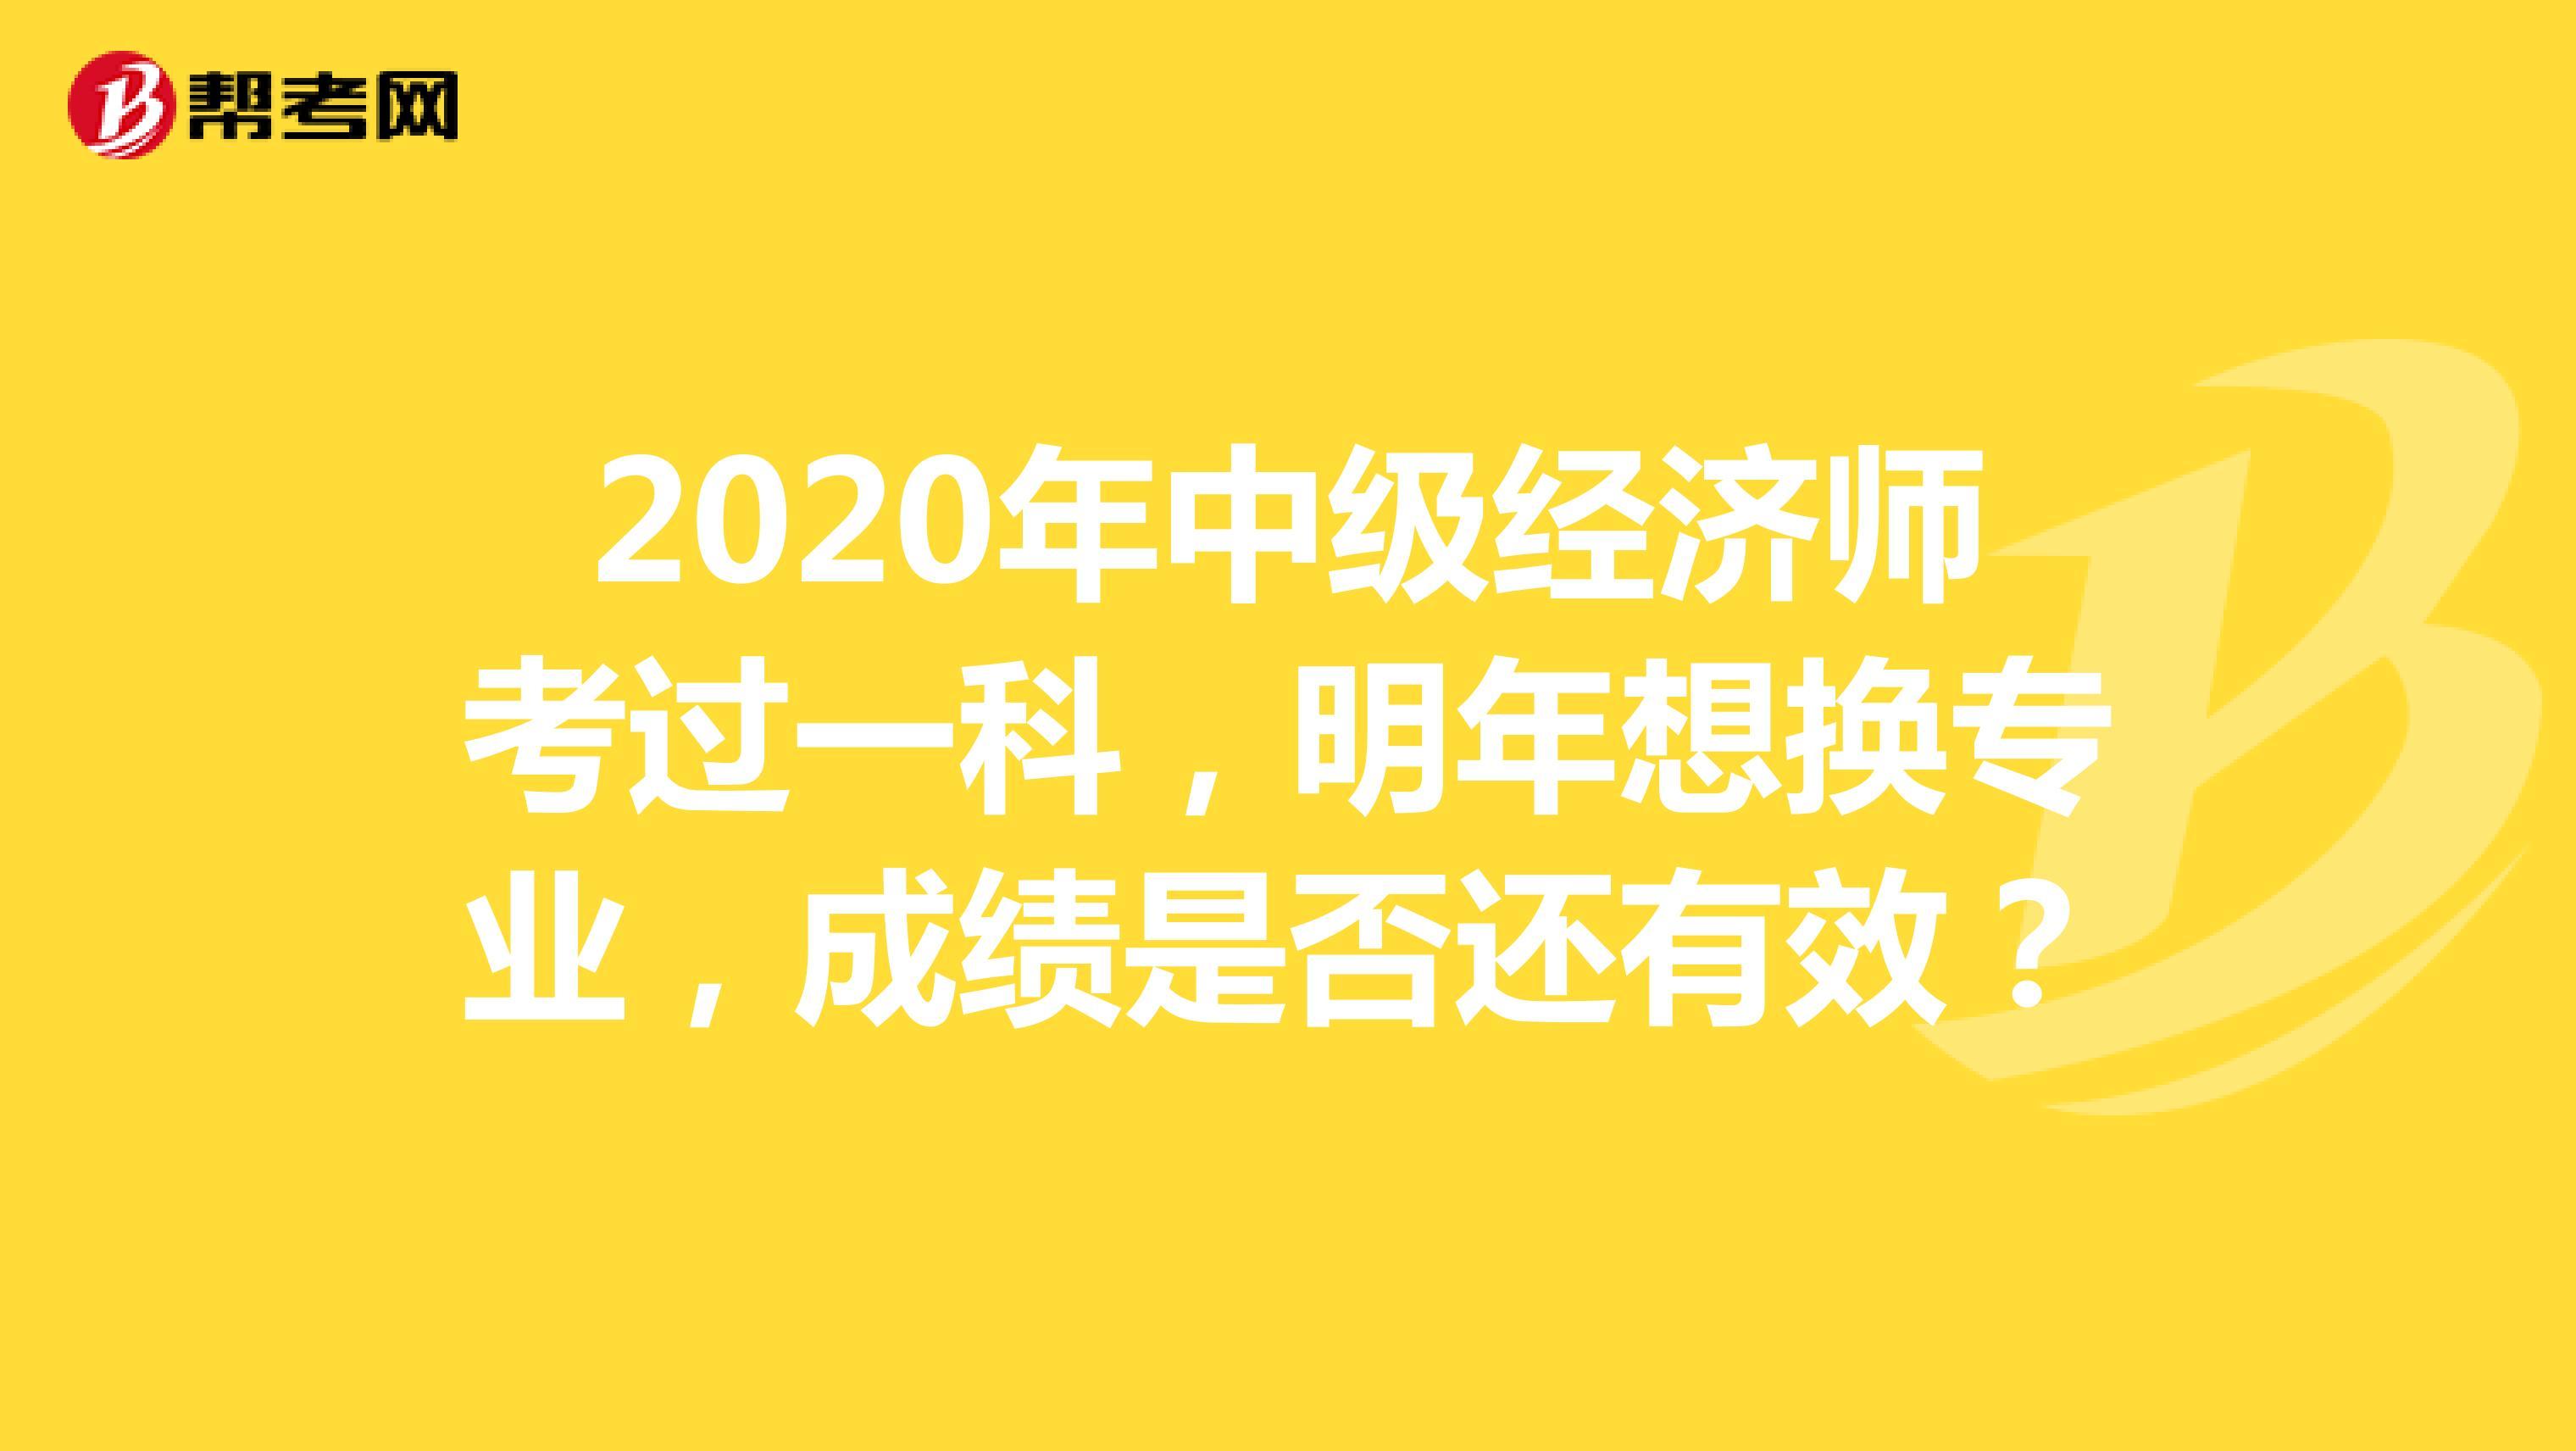 2020年中級經濟師考過一科,明年想換專業,成績是否還有效?